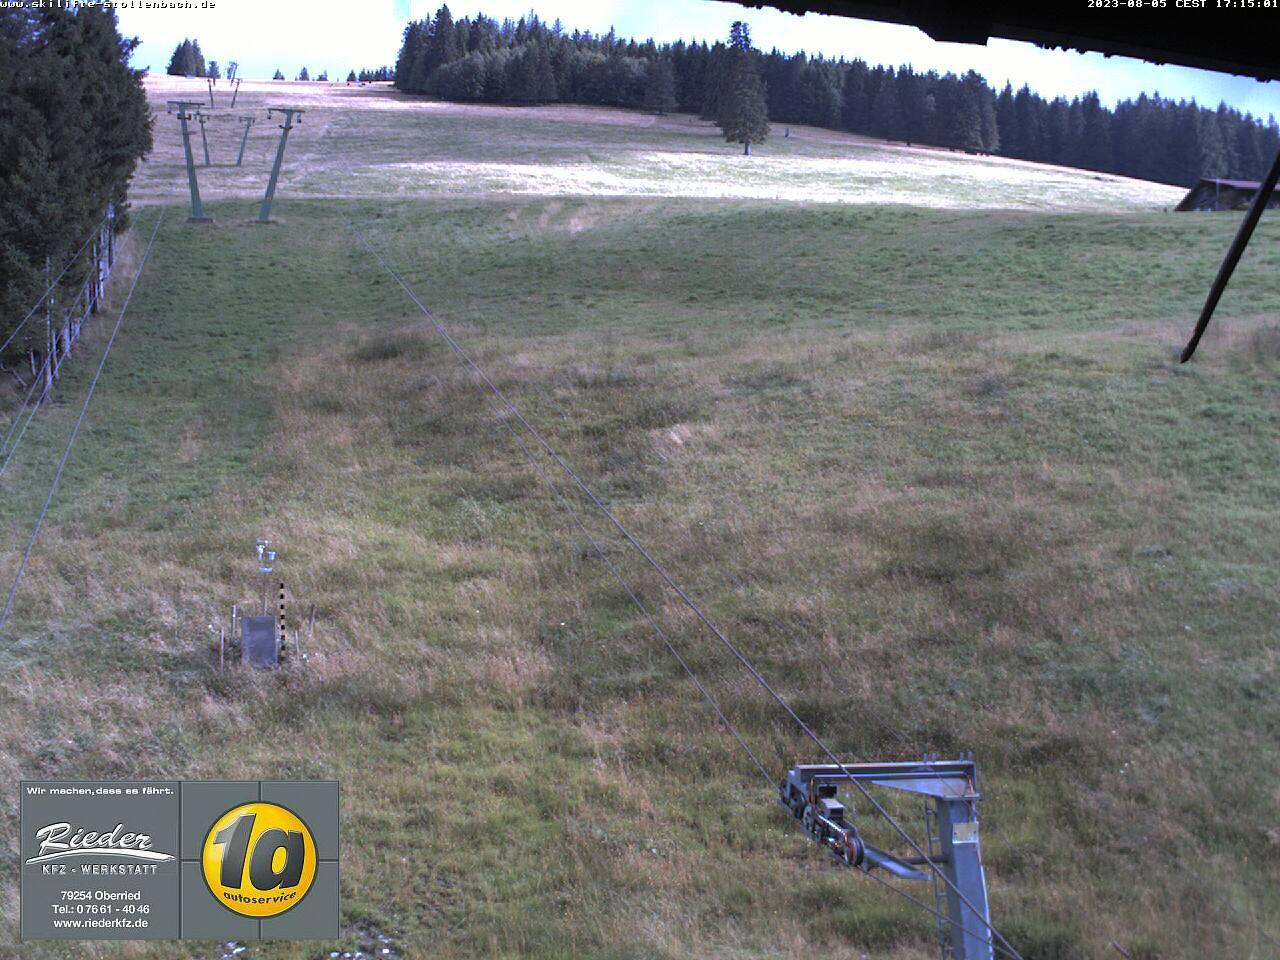 Stollenbach - Aktuelles Live-Wetterbild von den Skiliften Stollenbach